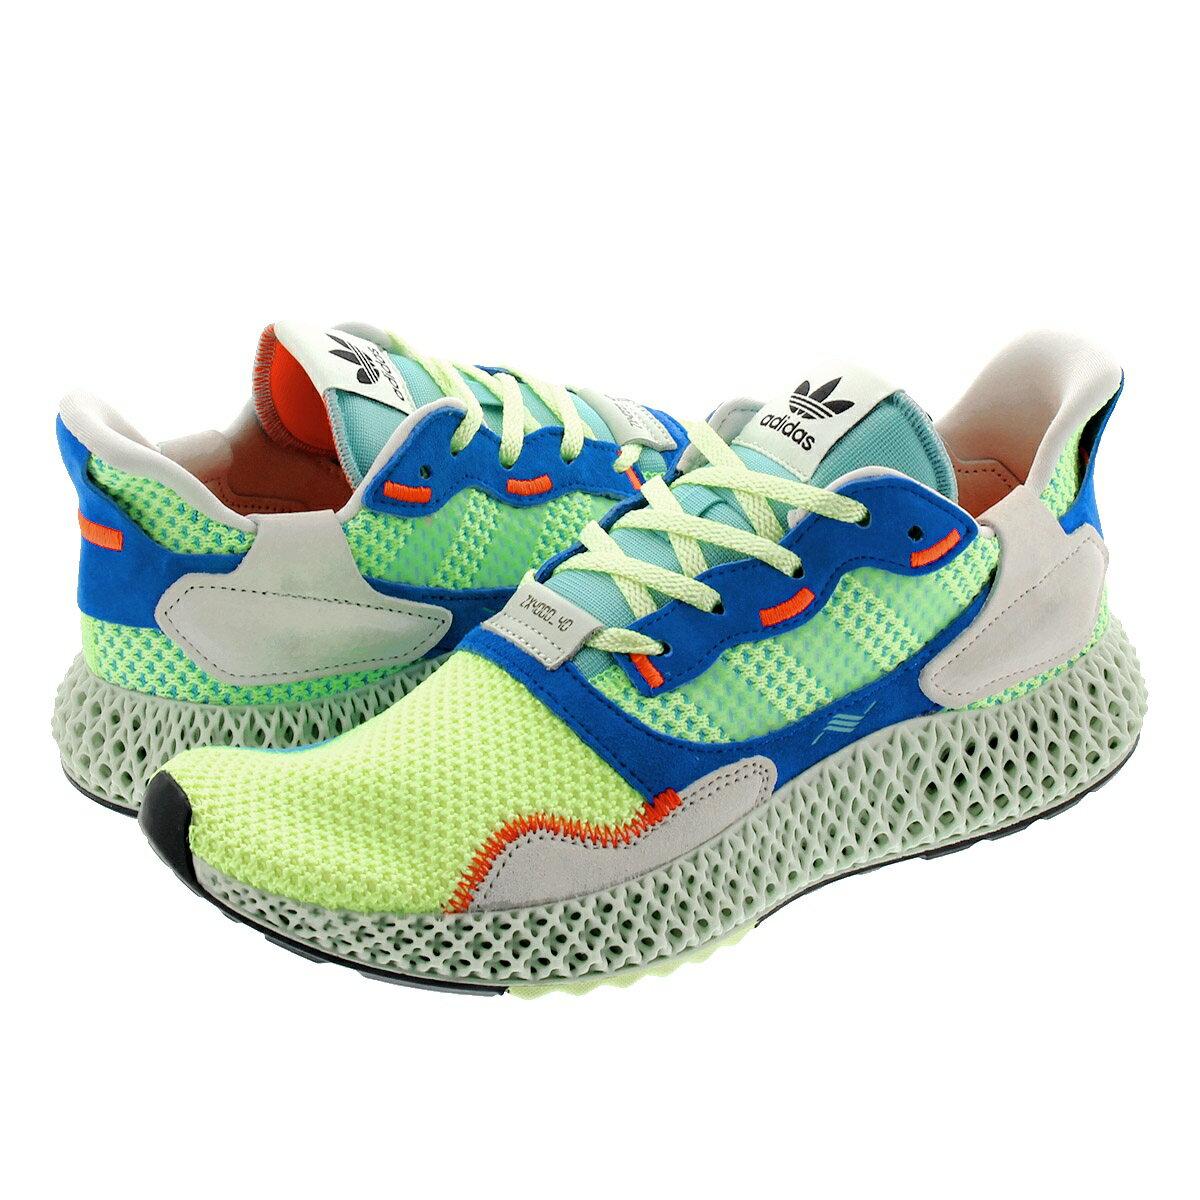 メンズ靴, スニーカー  adidas ZX 4000 4D ZX 4000 4D HI RES YELLOWLINEN GREENEASY MINT ef9623